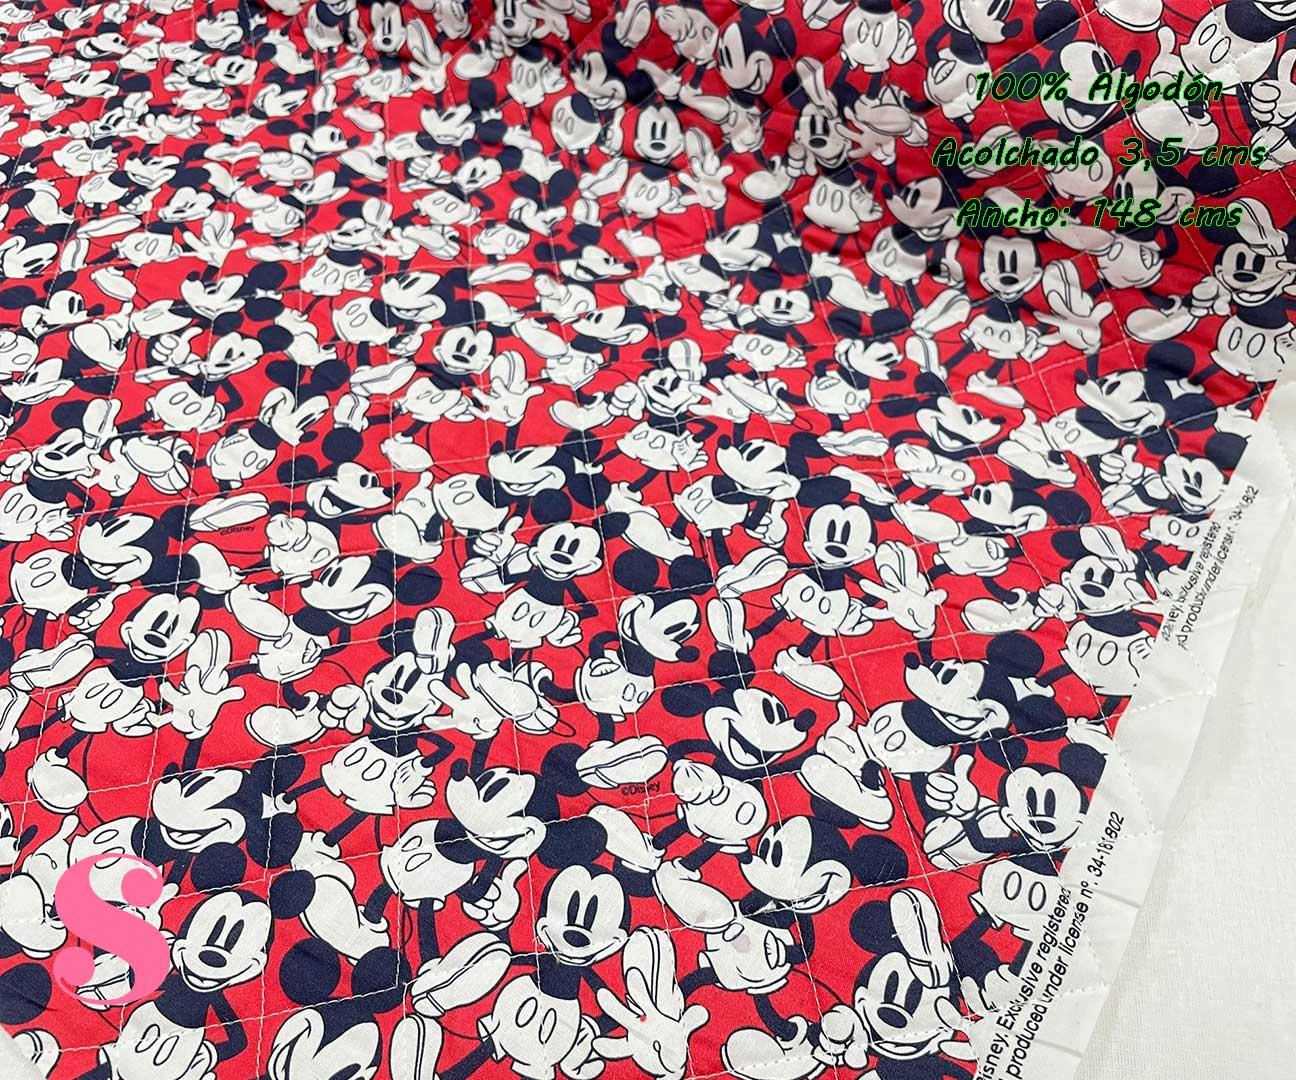 16-telas-acolchadas,estampados-acolchados-infantiles,acolchados-para-fundas,-telas-para-fundas-de-carrito-de-bebes,Acolchado Mickey fondo Rojo